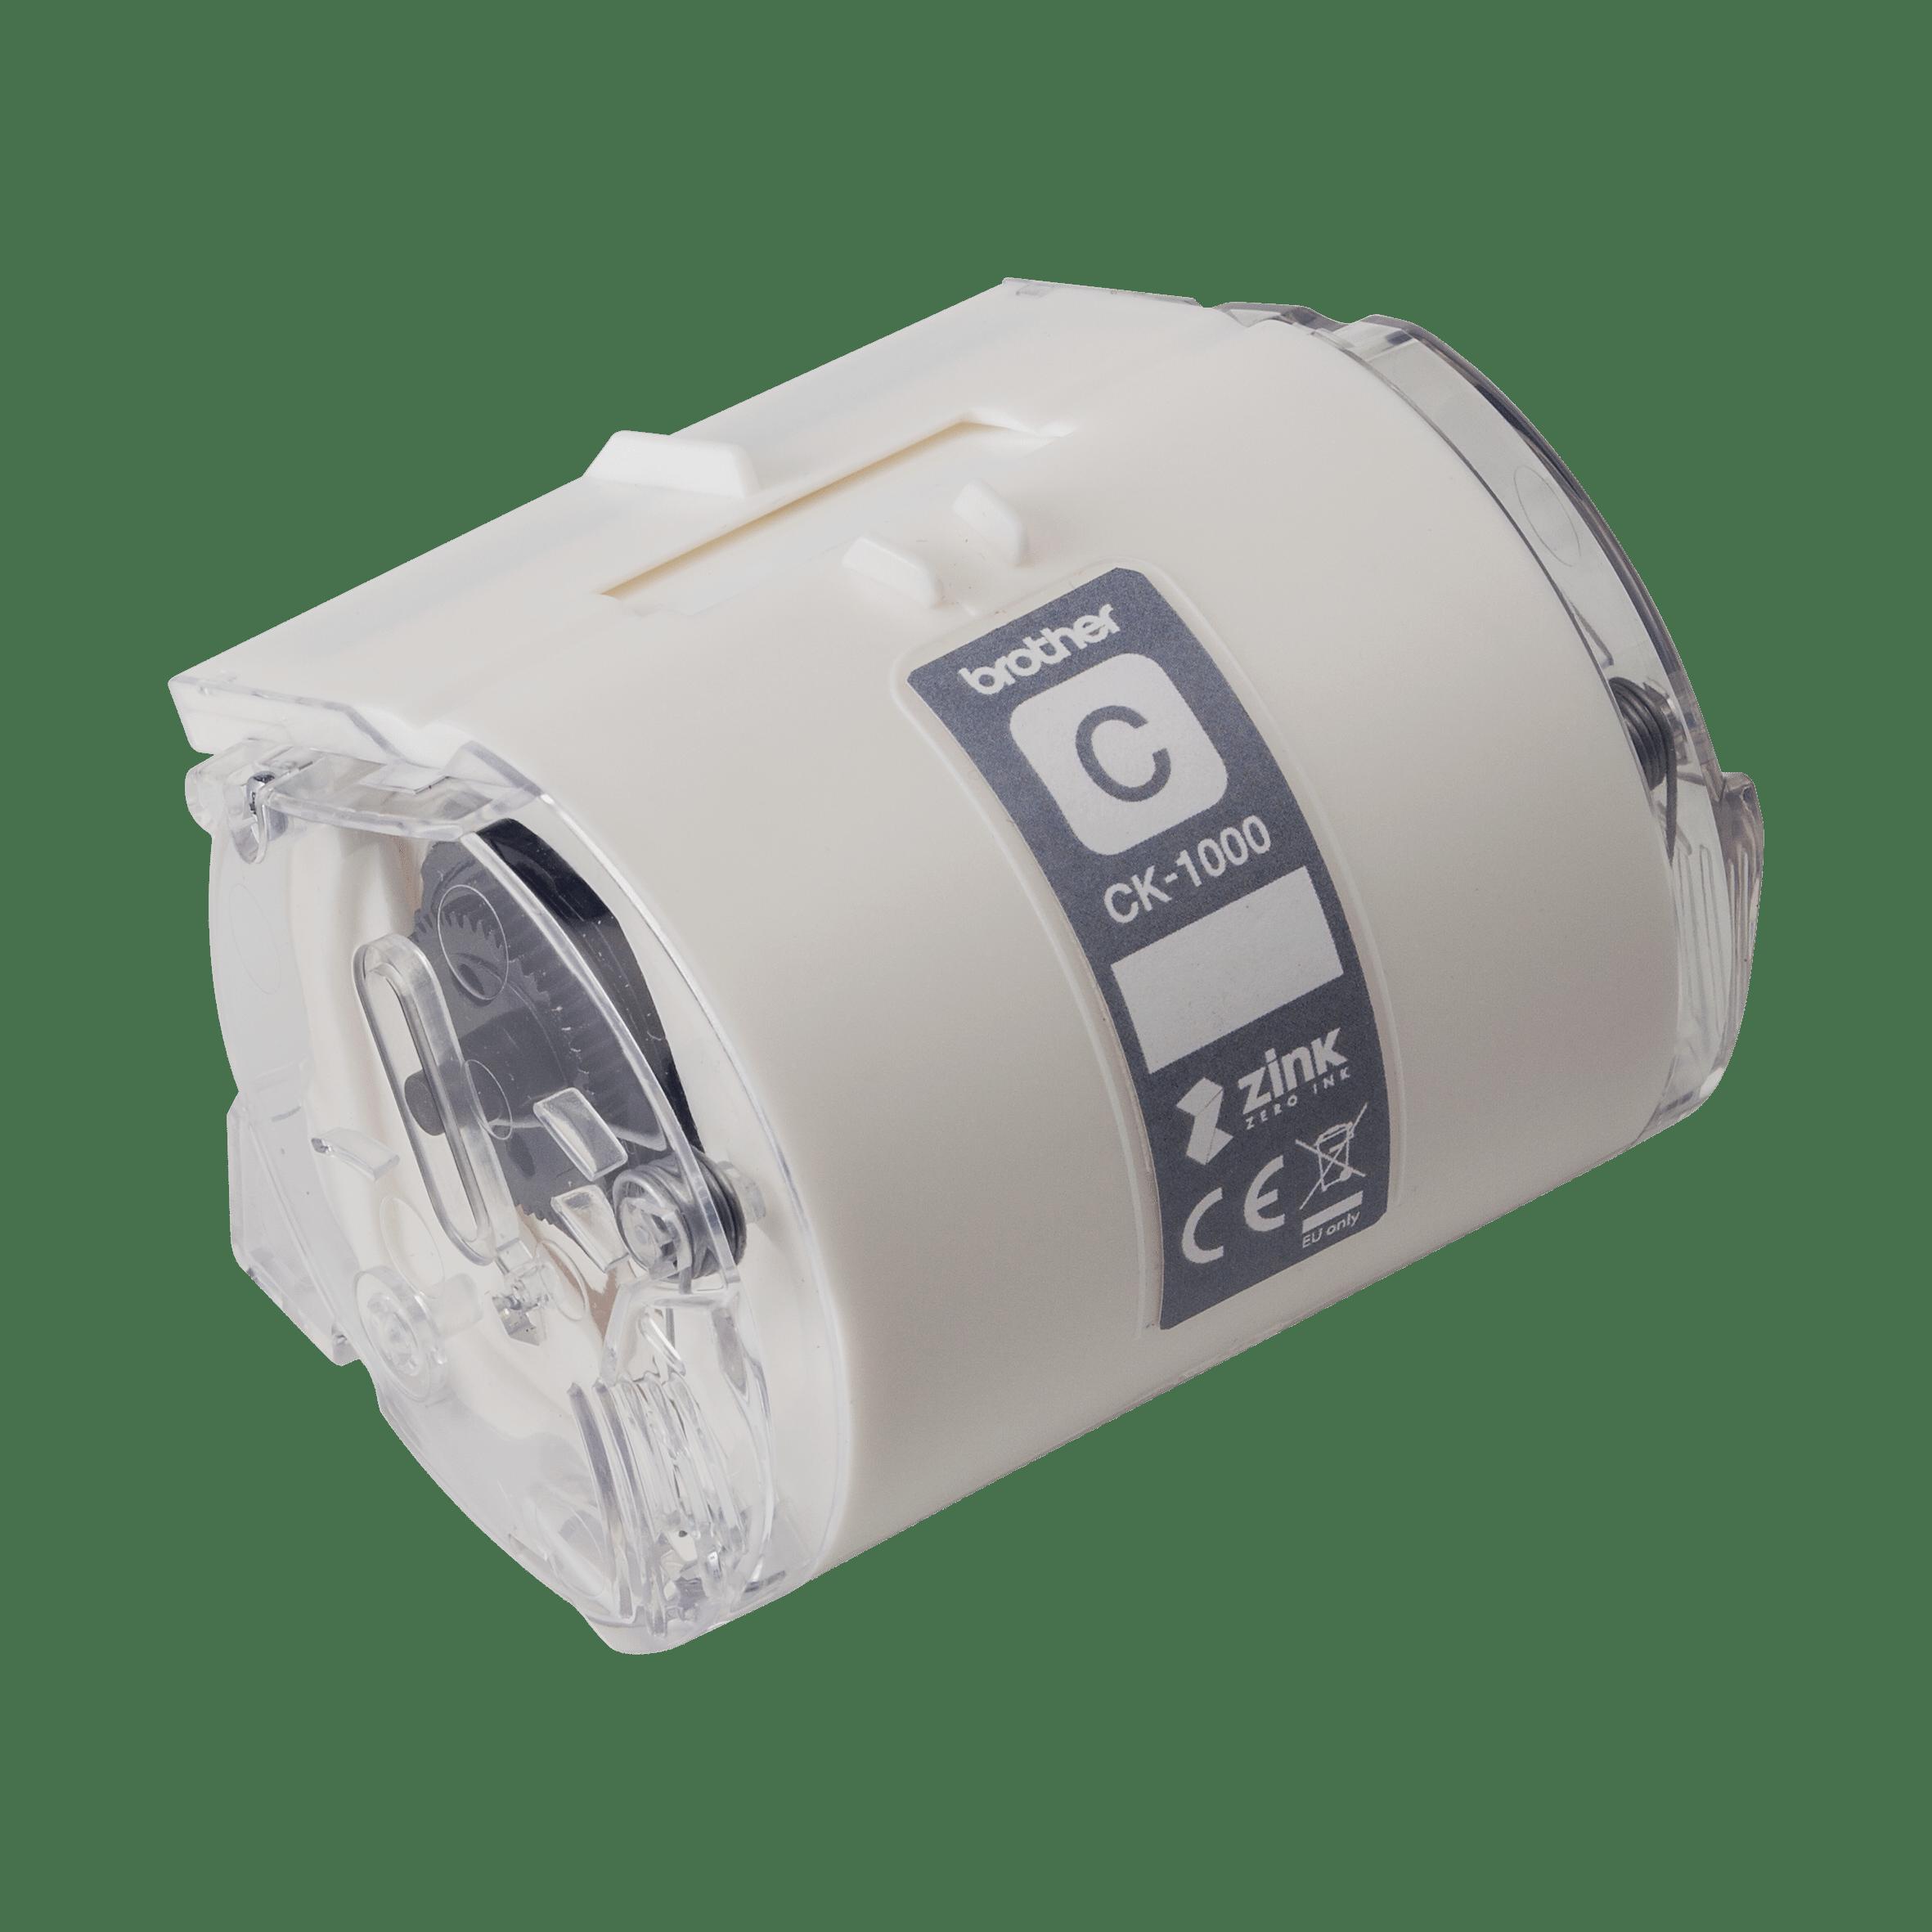 Oryginalna rolka czyszcząca Brother       CK-1000 o szerokości 50mm